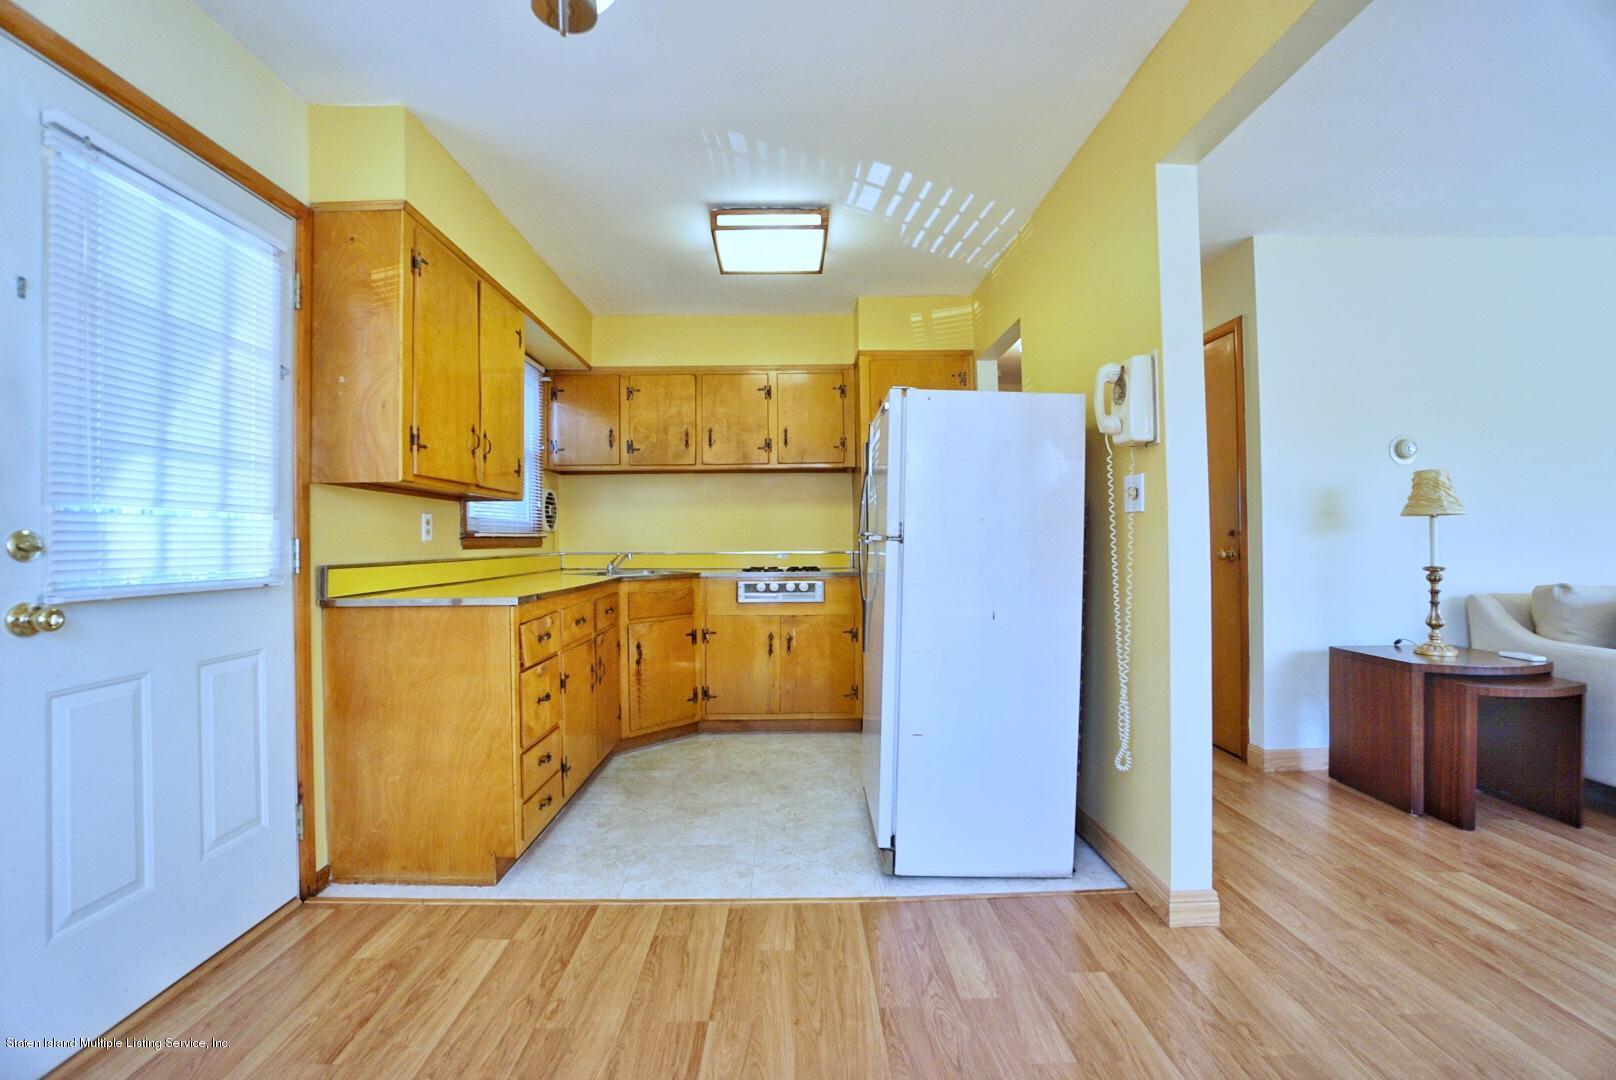 Single Family - Detached 215 Fairbanks Avenue  Staten Island, NY 10306, MLS-1138817-18